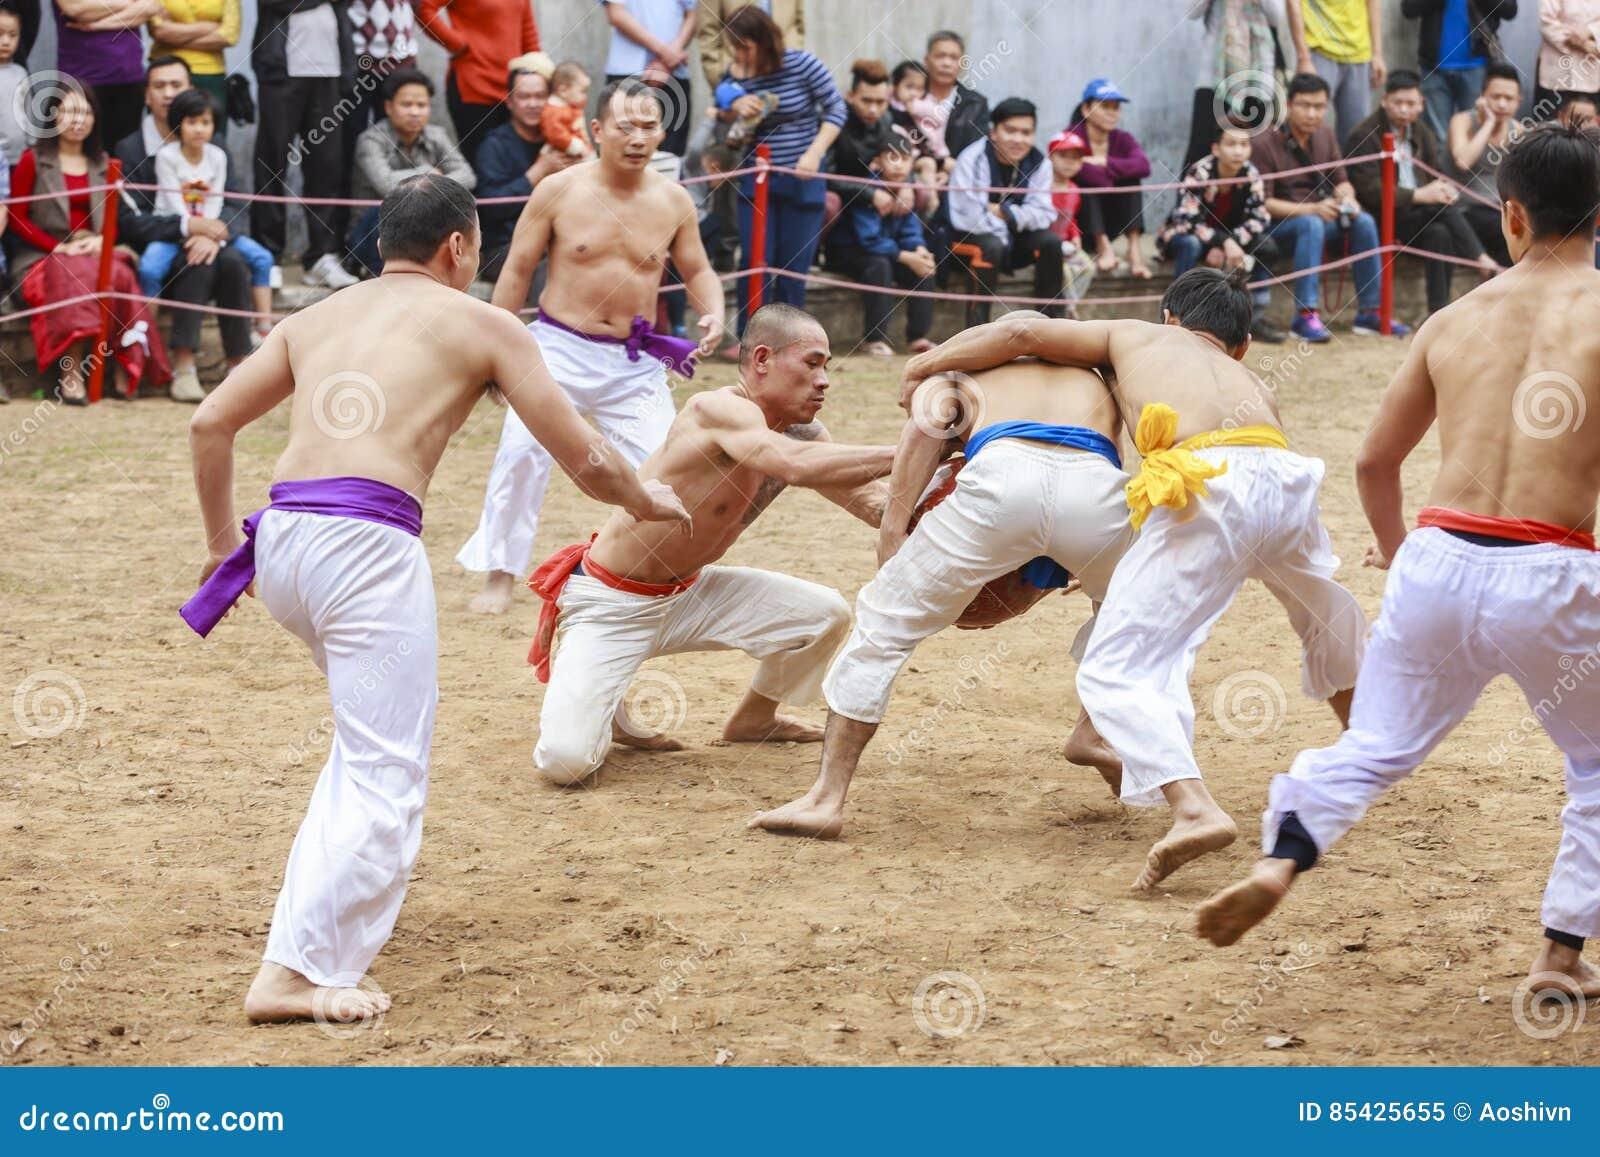 Einige junge Männer spielen mit hölzernem Ball im neuen Mondjahr des Festivals in Hanoi, Vietnam am 27. Januar 2016